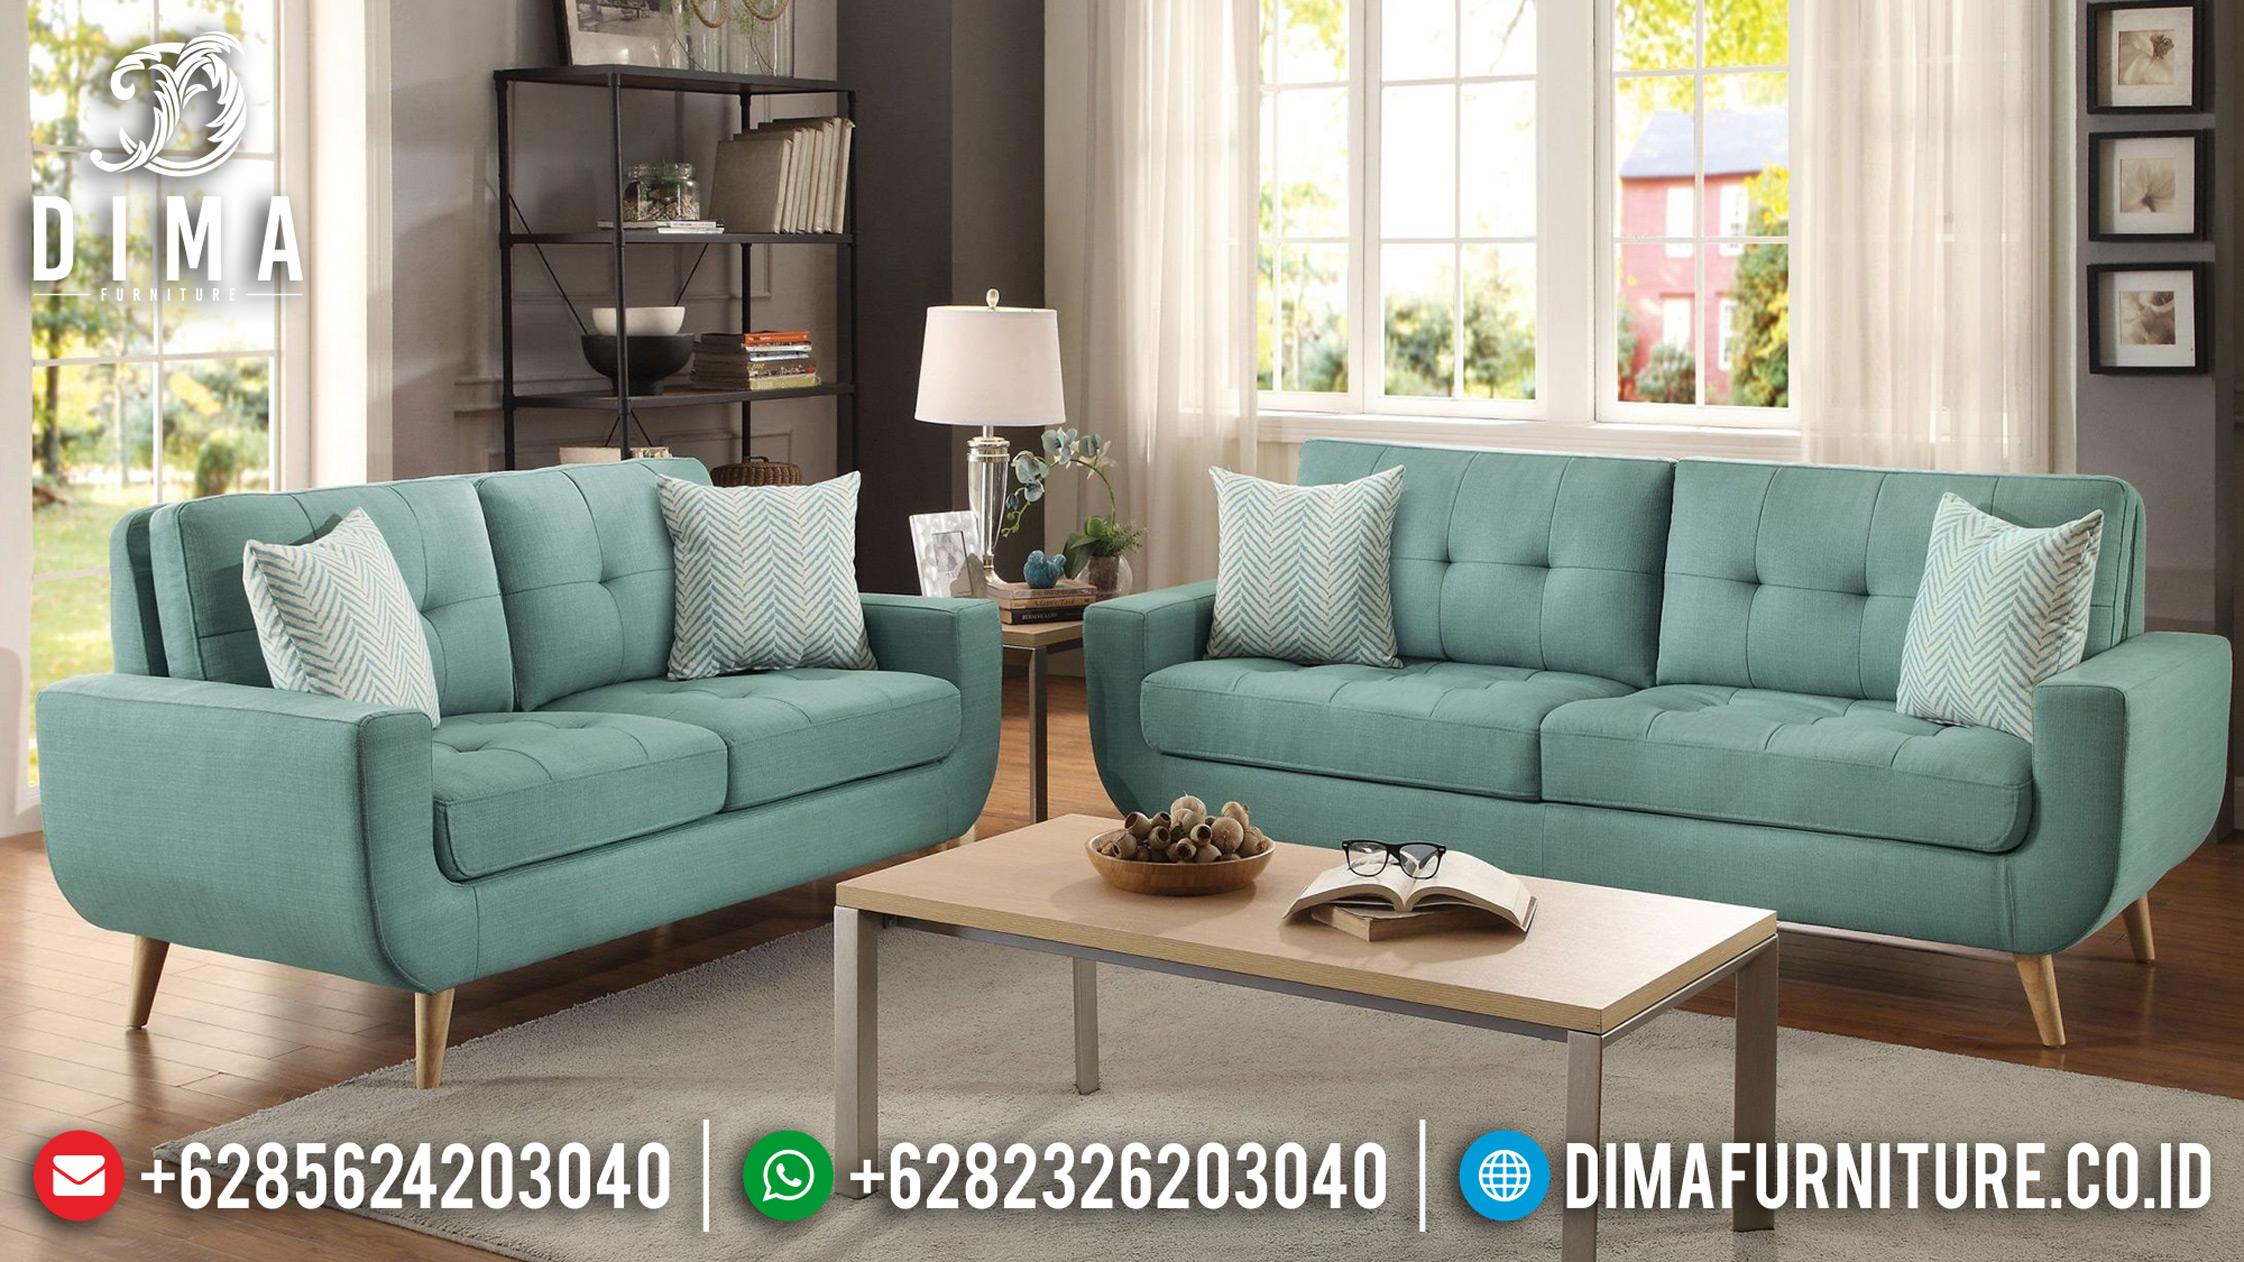 Set Sofa Tamu Jepara Minimalis Loveseat Home Elegan Rangka Jati Mm-0400 Gambar 1